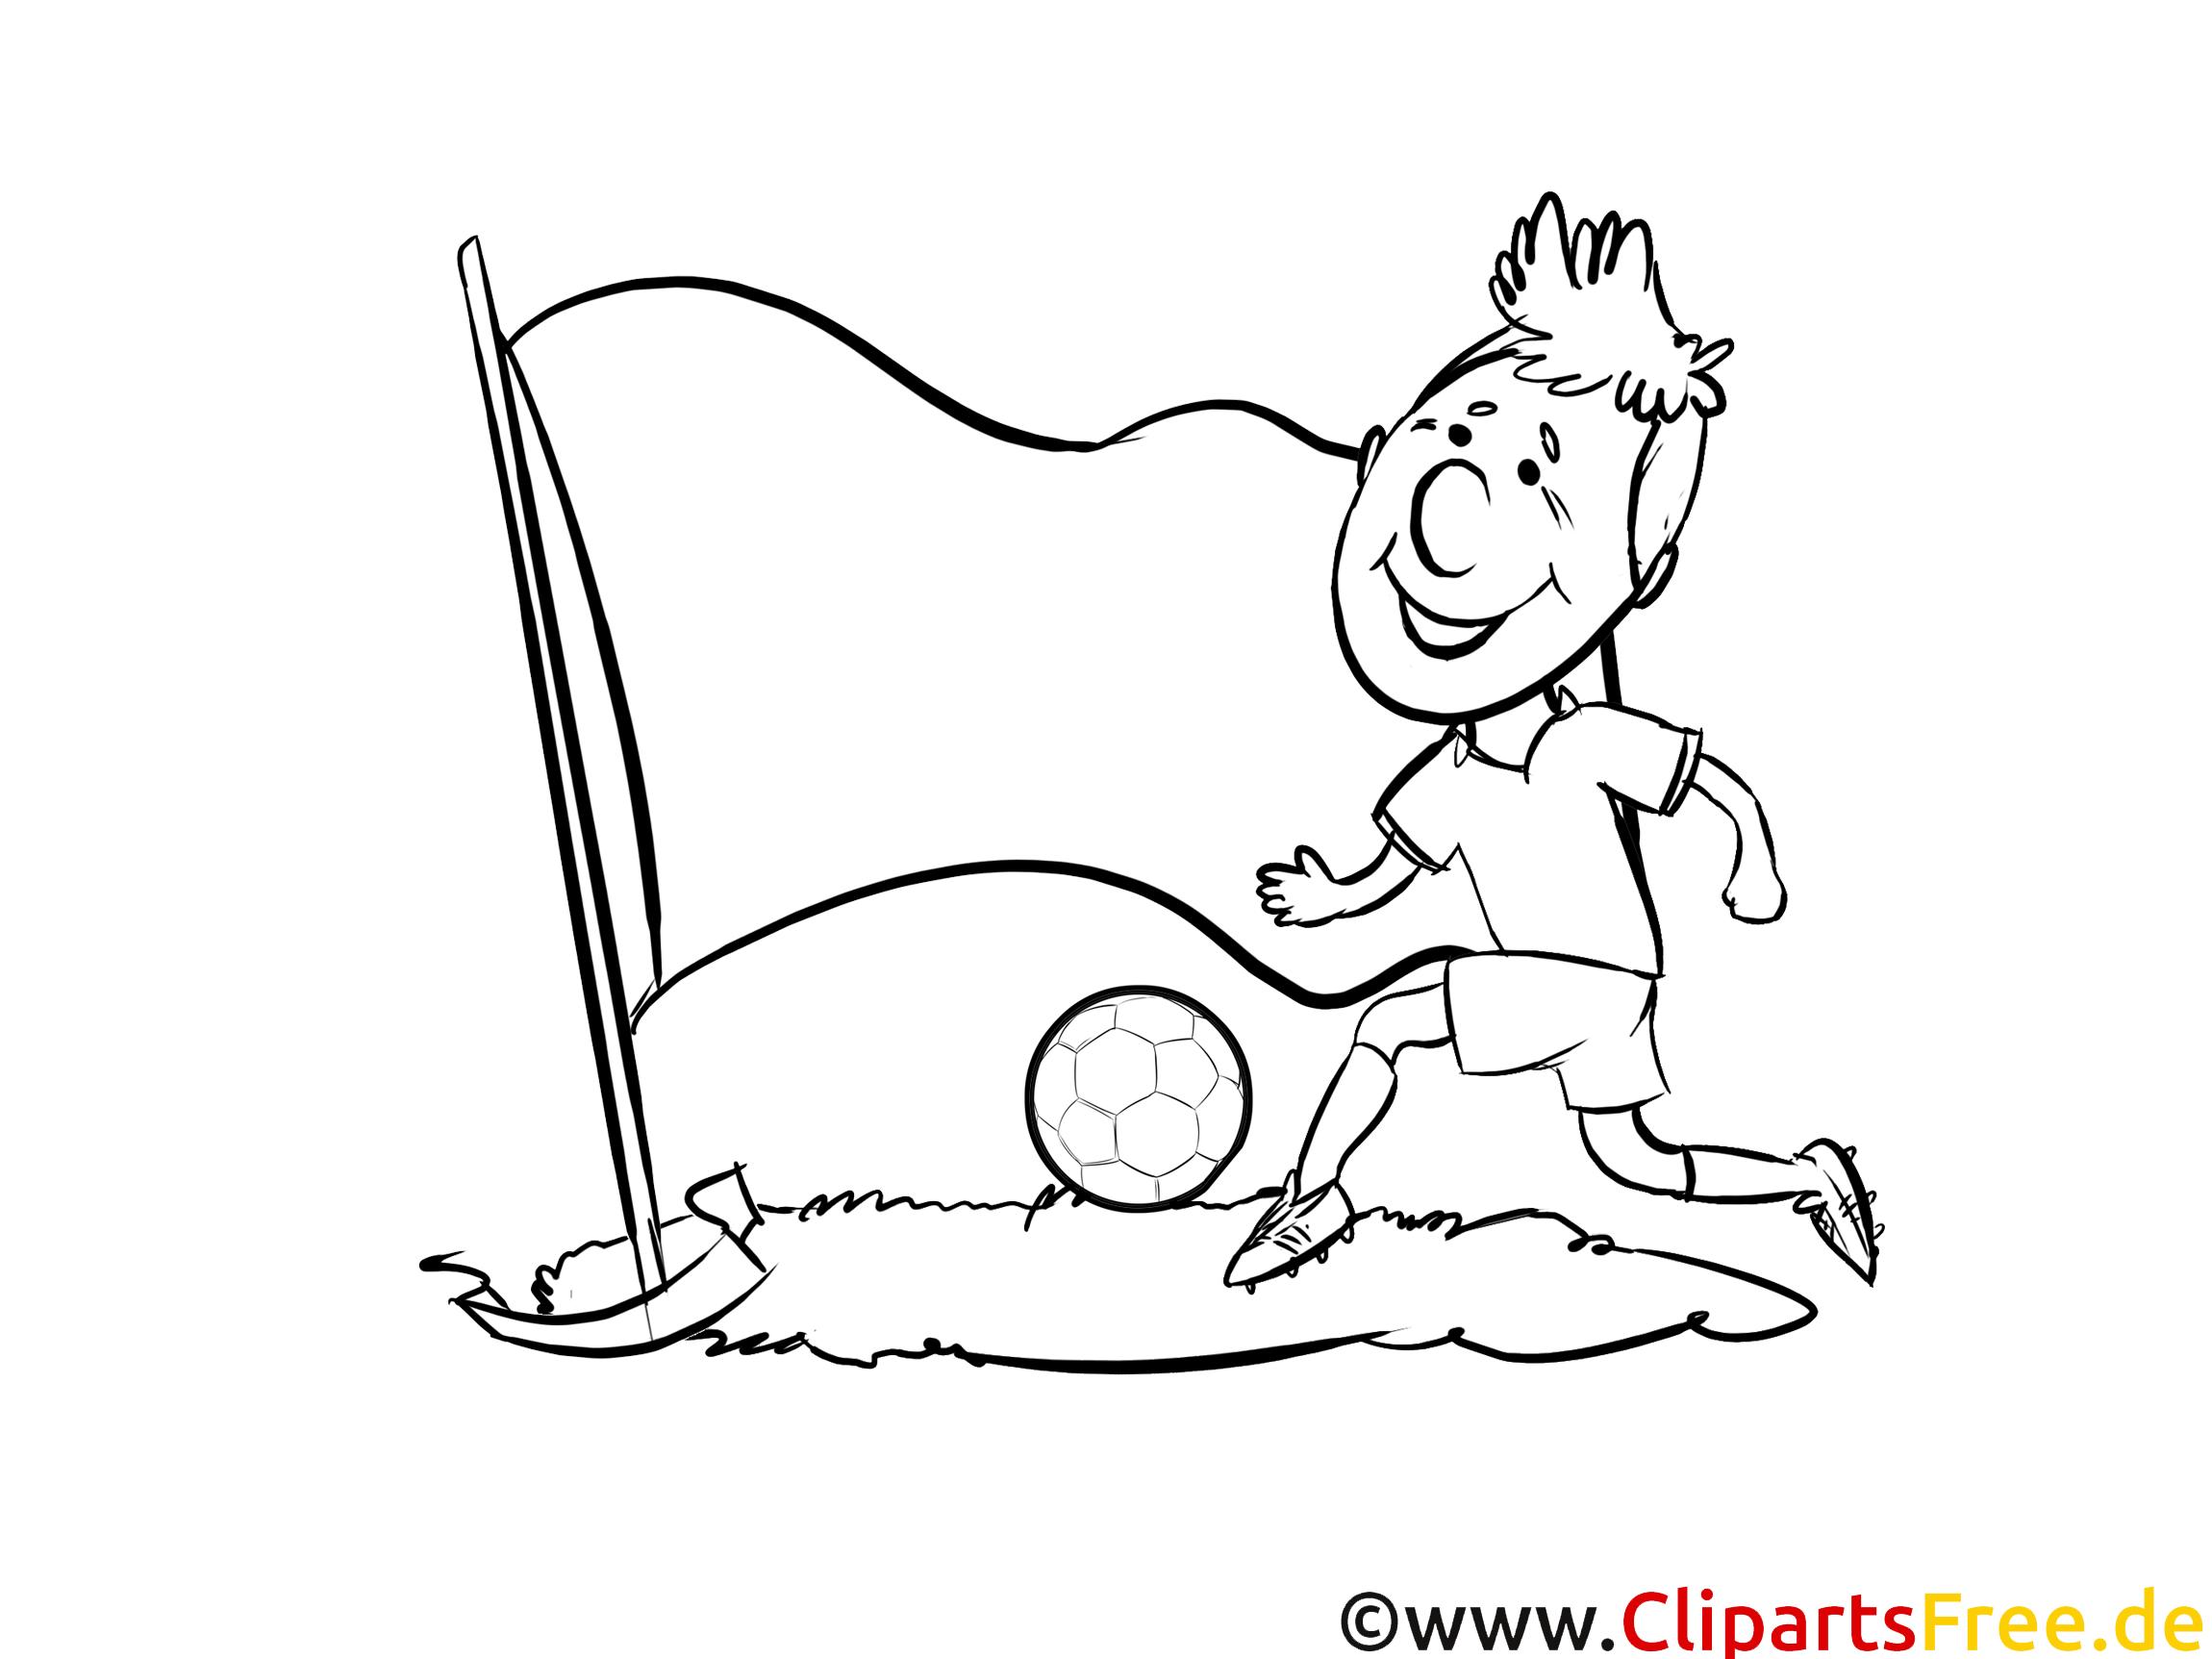 Clip art gratuit Coloriage Football Albanie pour télécharger